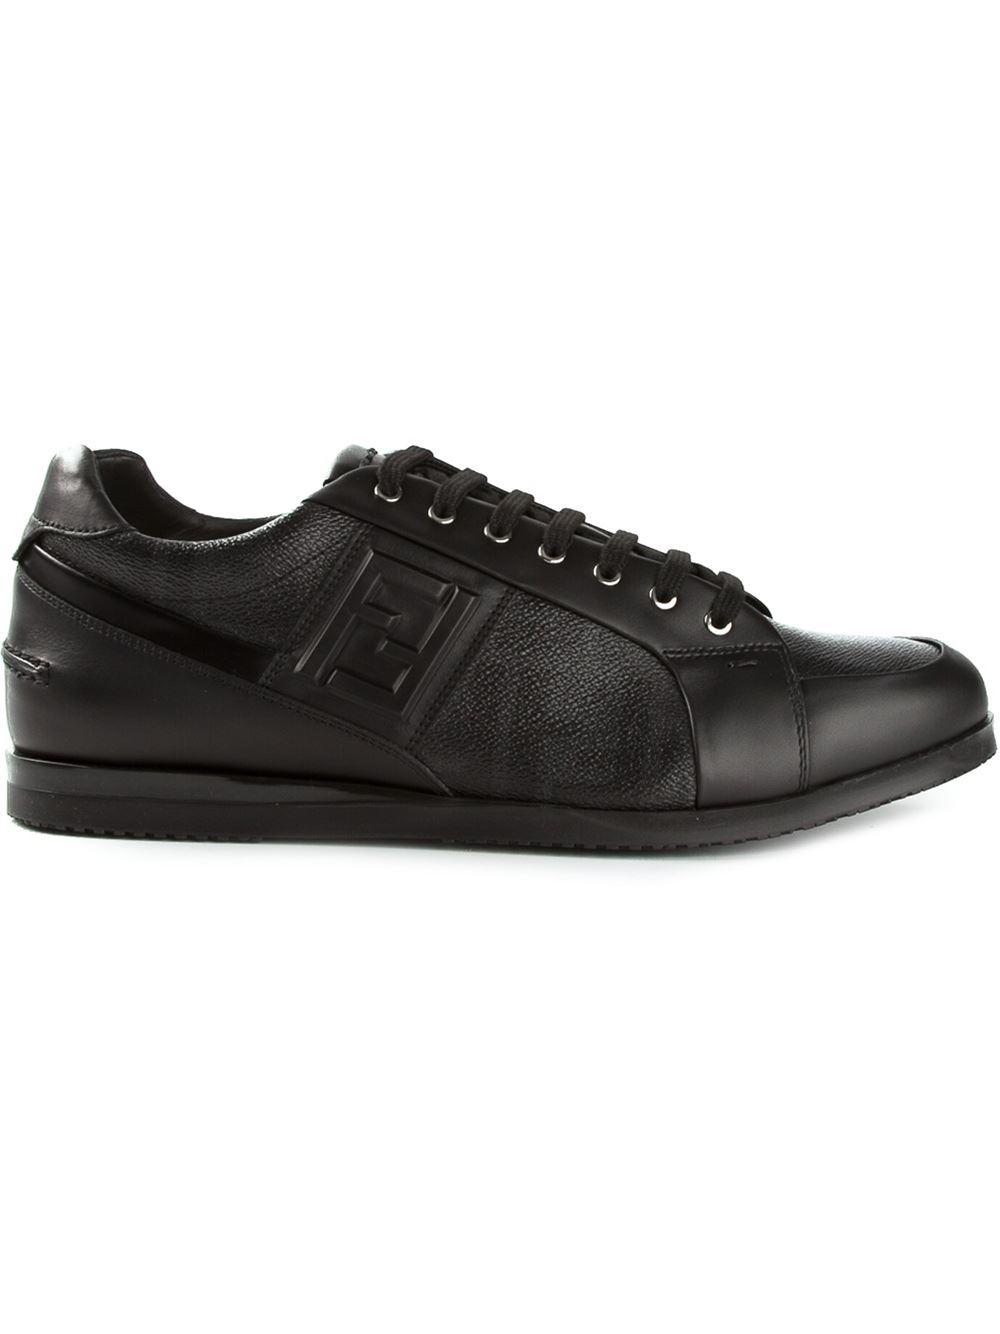 Fendi Ff Logo Sneakers in Black for Men - Lyst